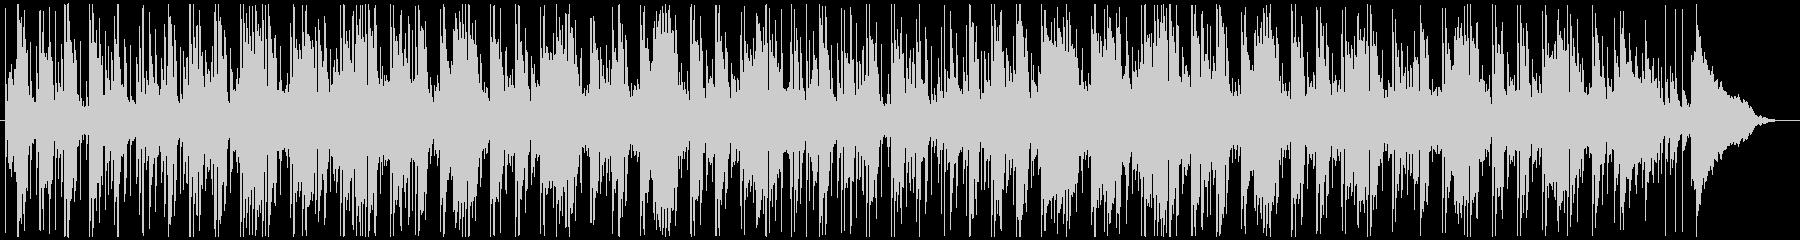 和風 京のおばんざい懐石 琴と尺八の未再生の波形